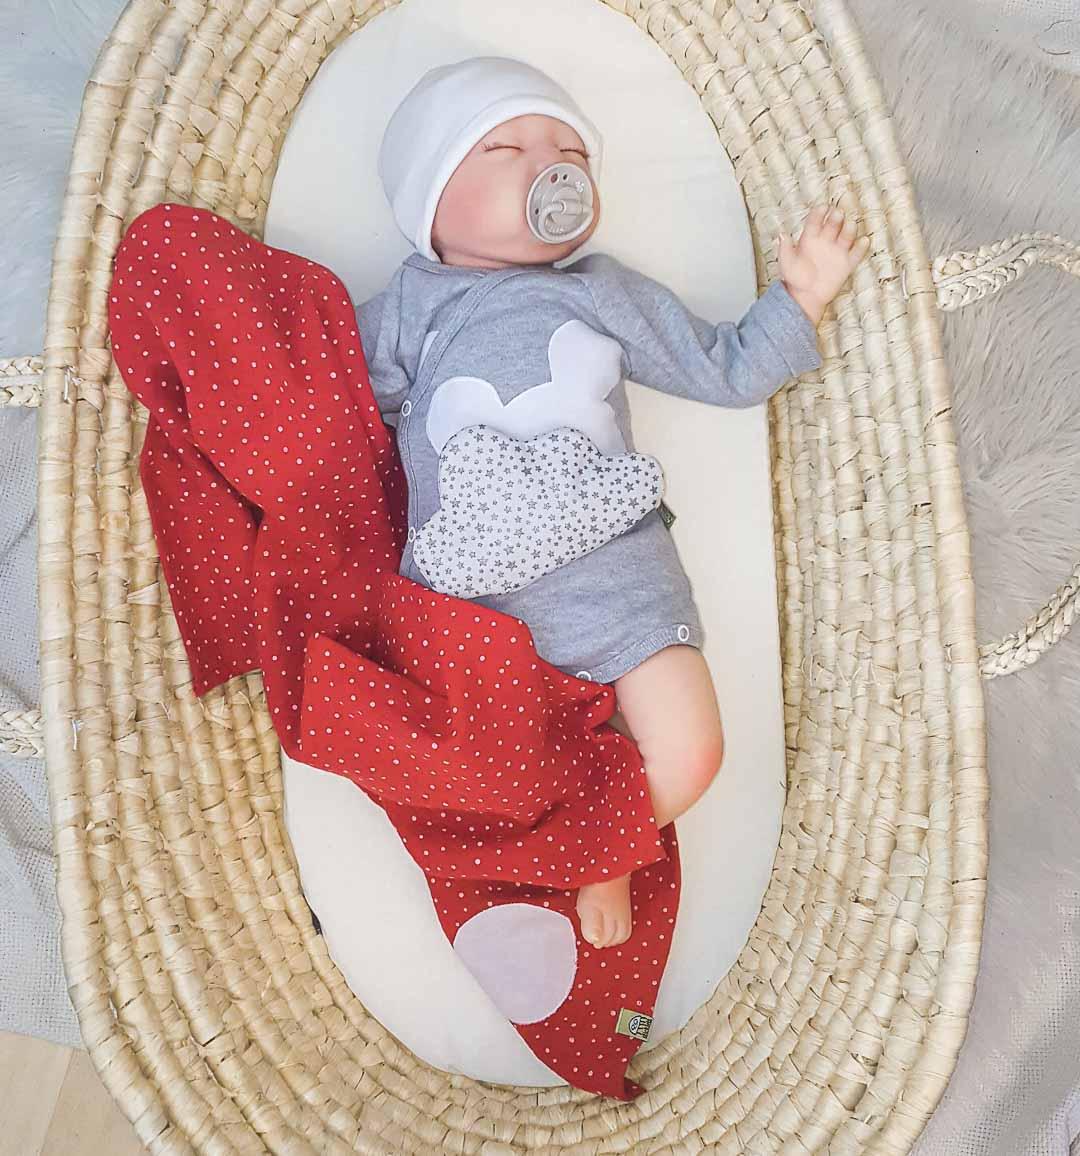 Baby mit Wickelbody, selbsthaftendem Wohl-Fühl-Wärmepatch und Musselin-Tuch in rot und grau